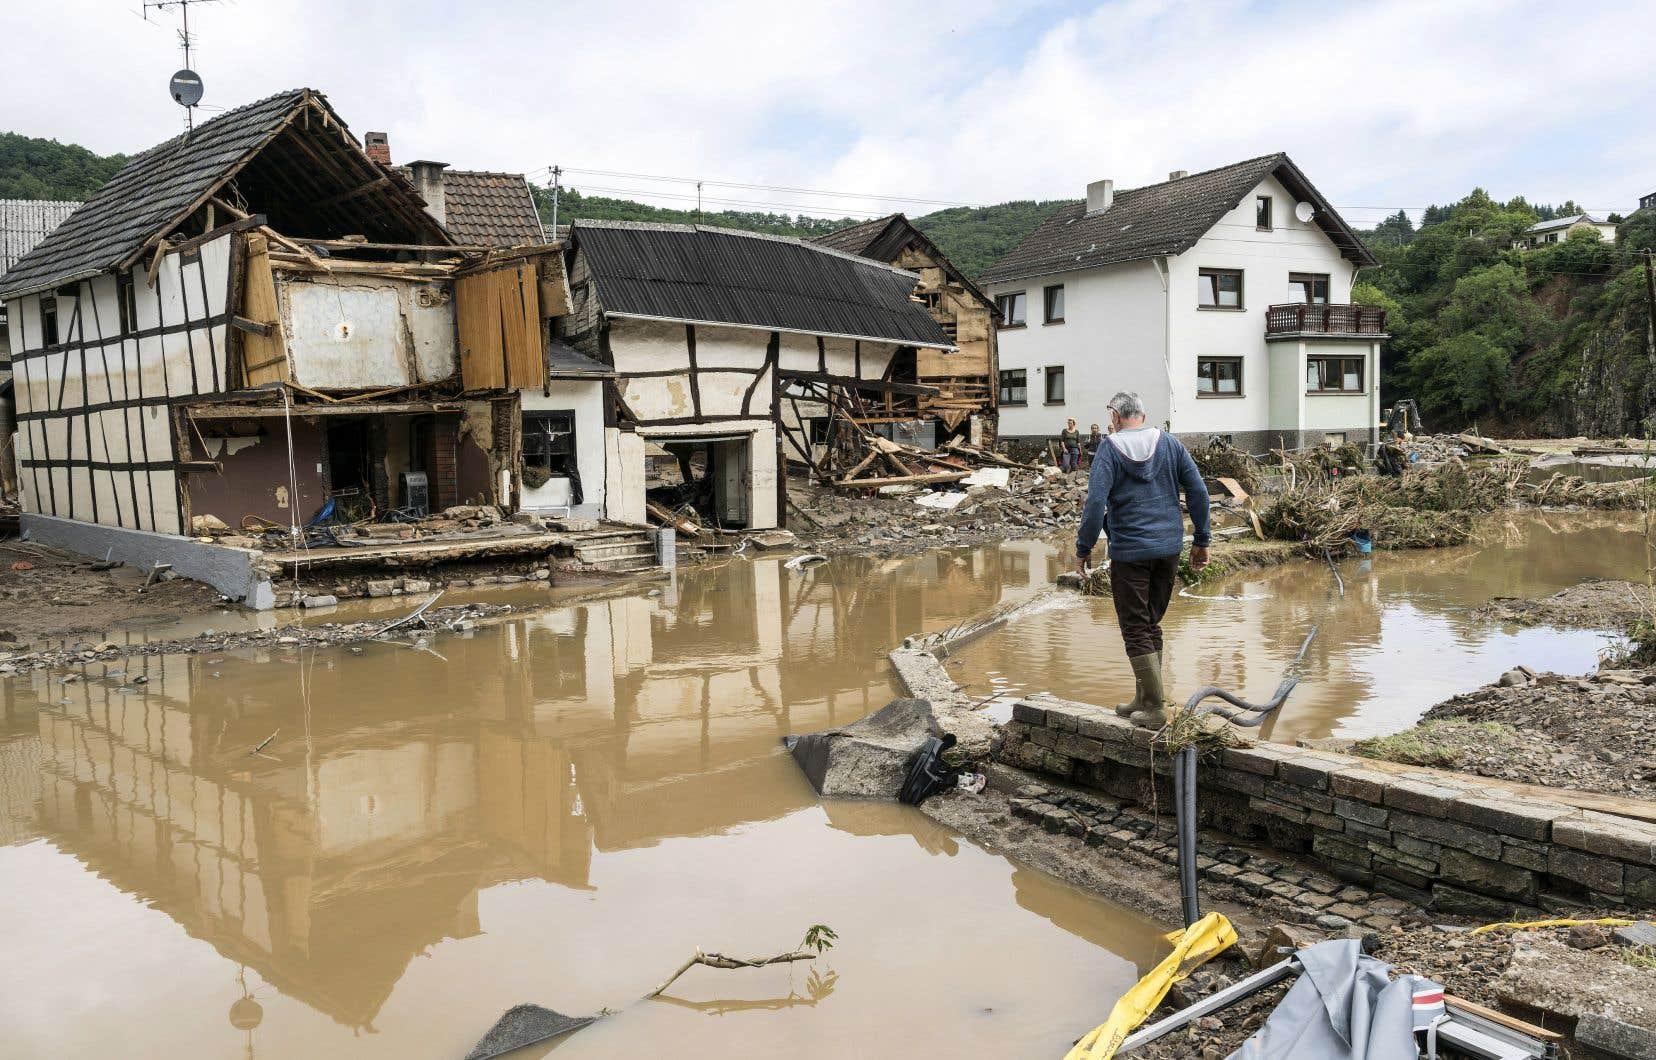 Au moins 59 décès ont été dénombrés en Allemagne, où plusieurs villages restaient jeudi soir coupés du monde, faisant craindre un bilan encore plus élevé. Plusieurs dizaines de personnes sont toujours portées disparues.